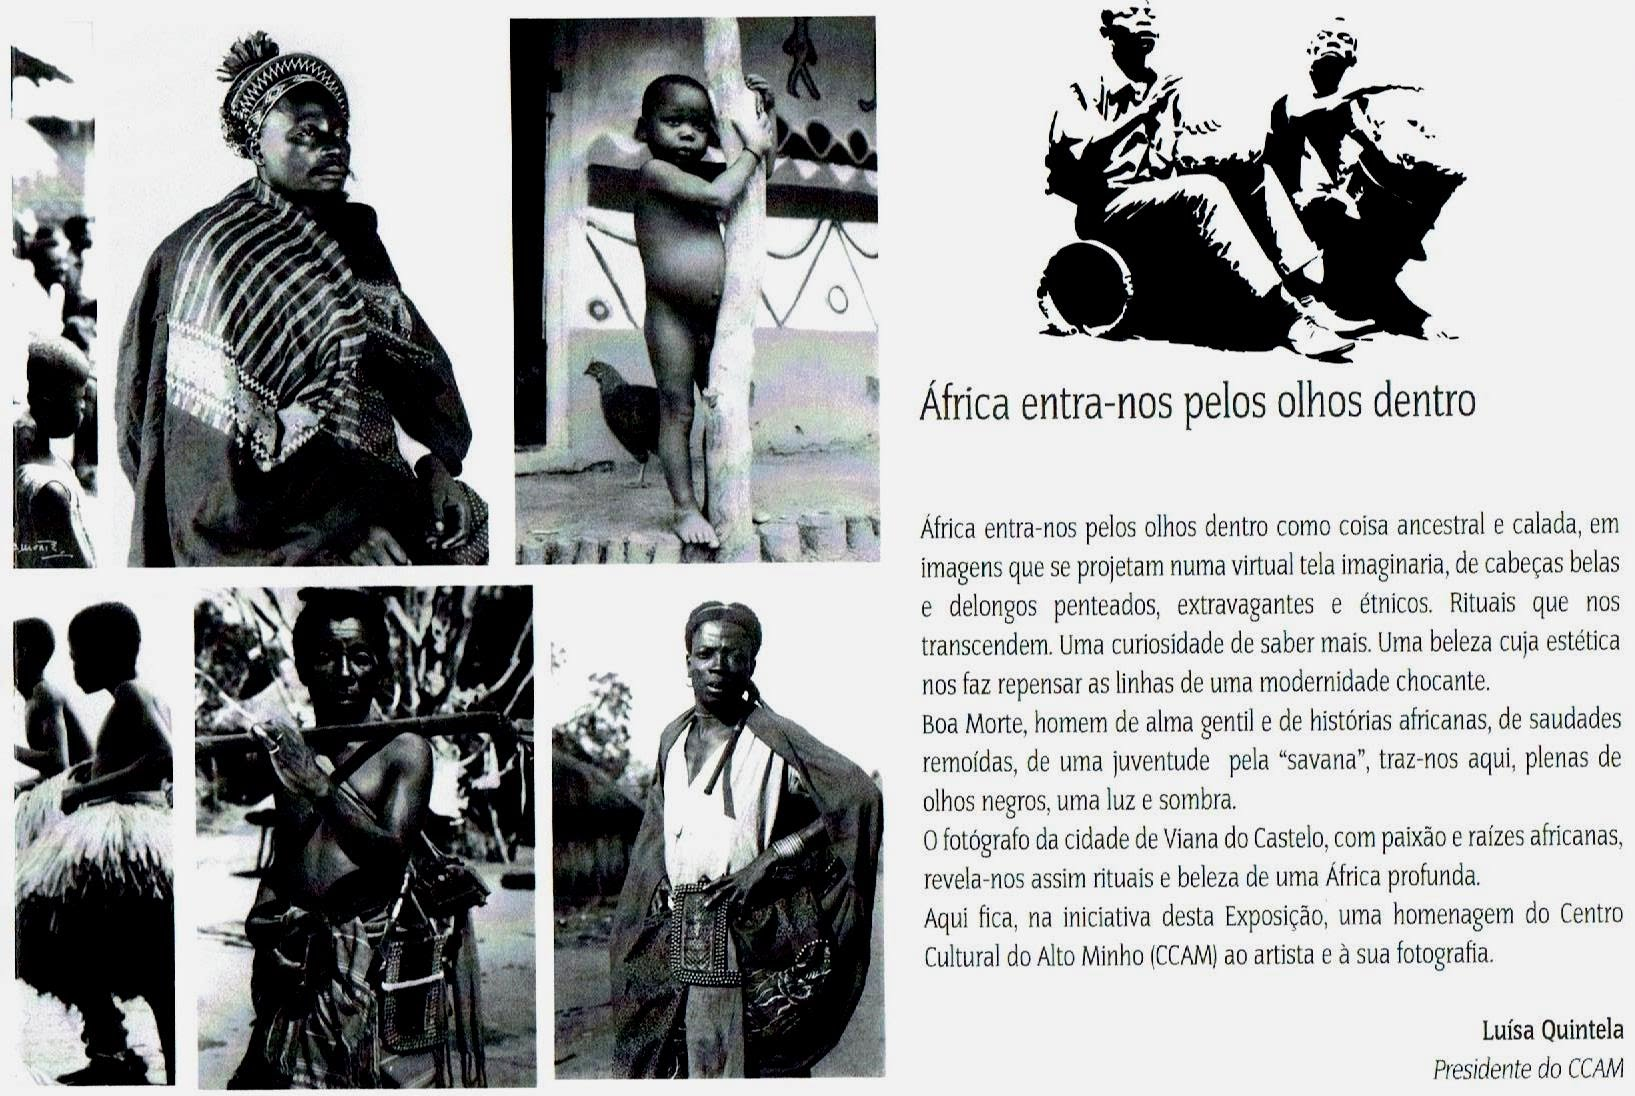 https://sites.google.com/a/centroculturaldoaltominho.org/ccam/actividades-realizadas/2015/realizacoes-actividades/_draft_post/Imagem3.jpeg.jpeg